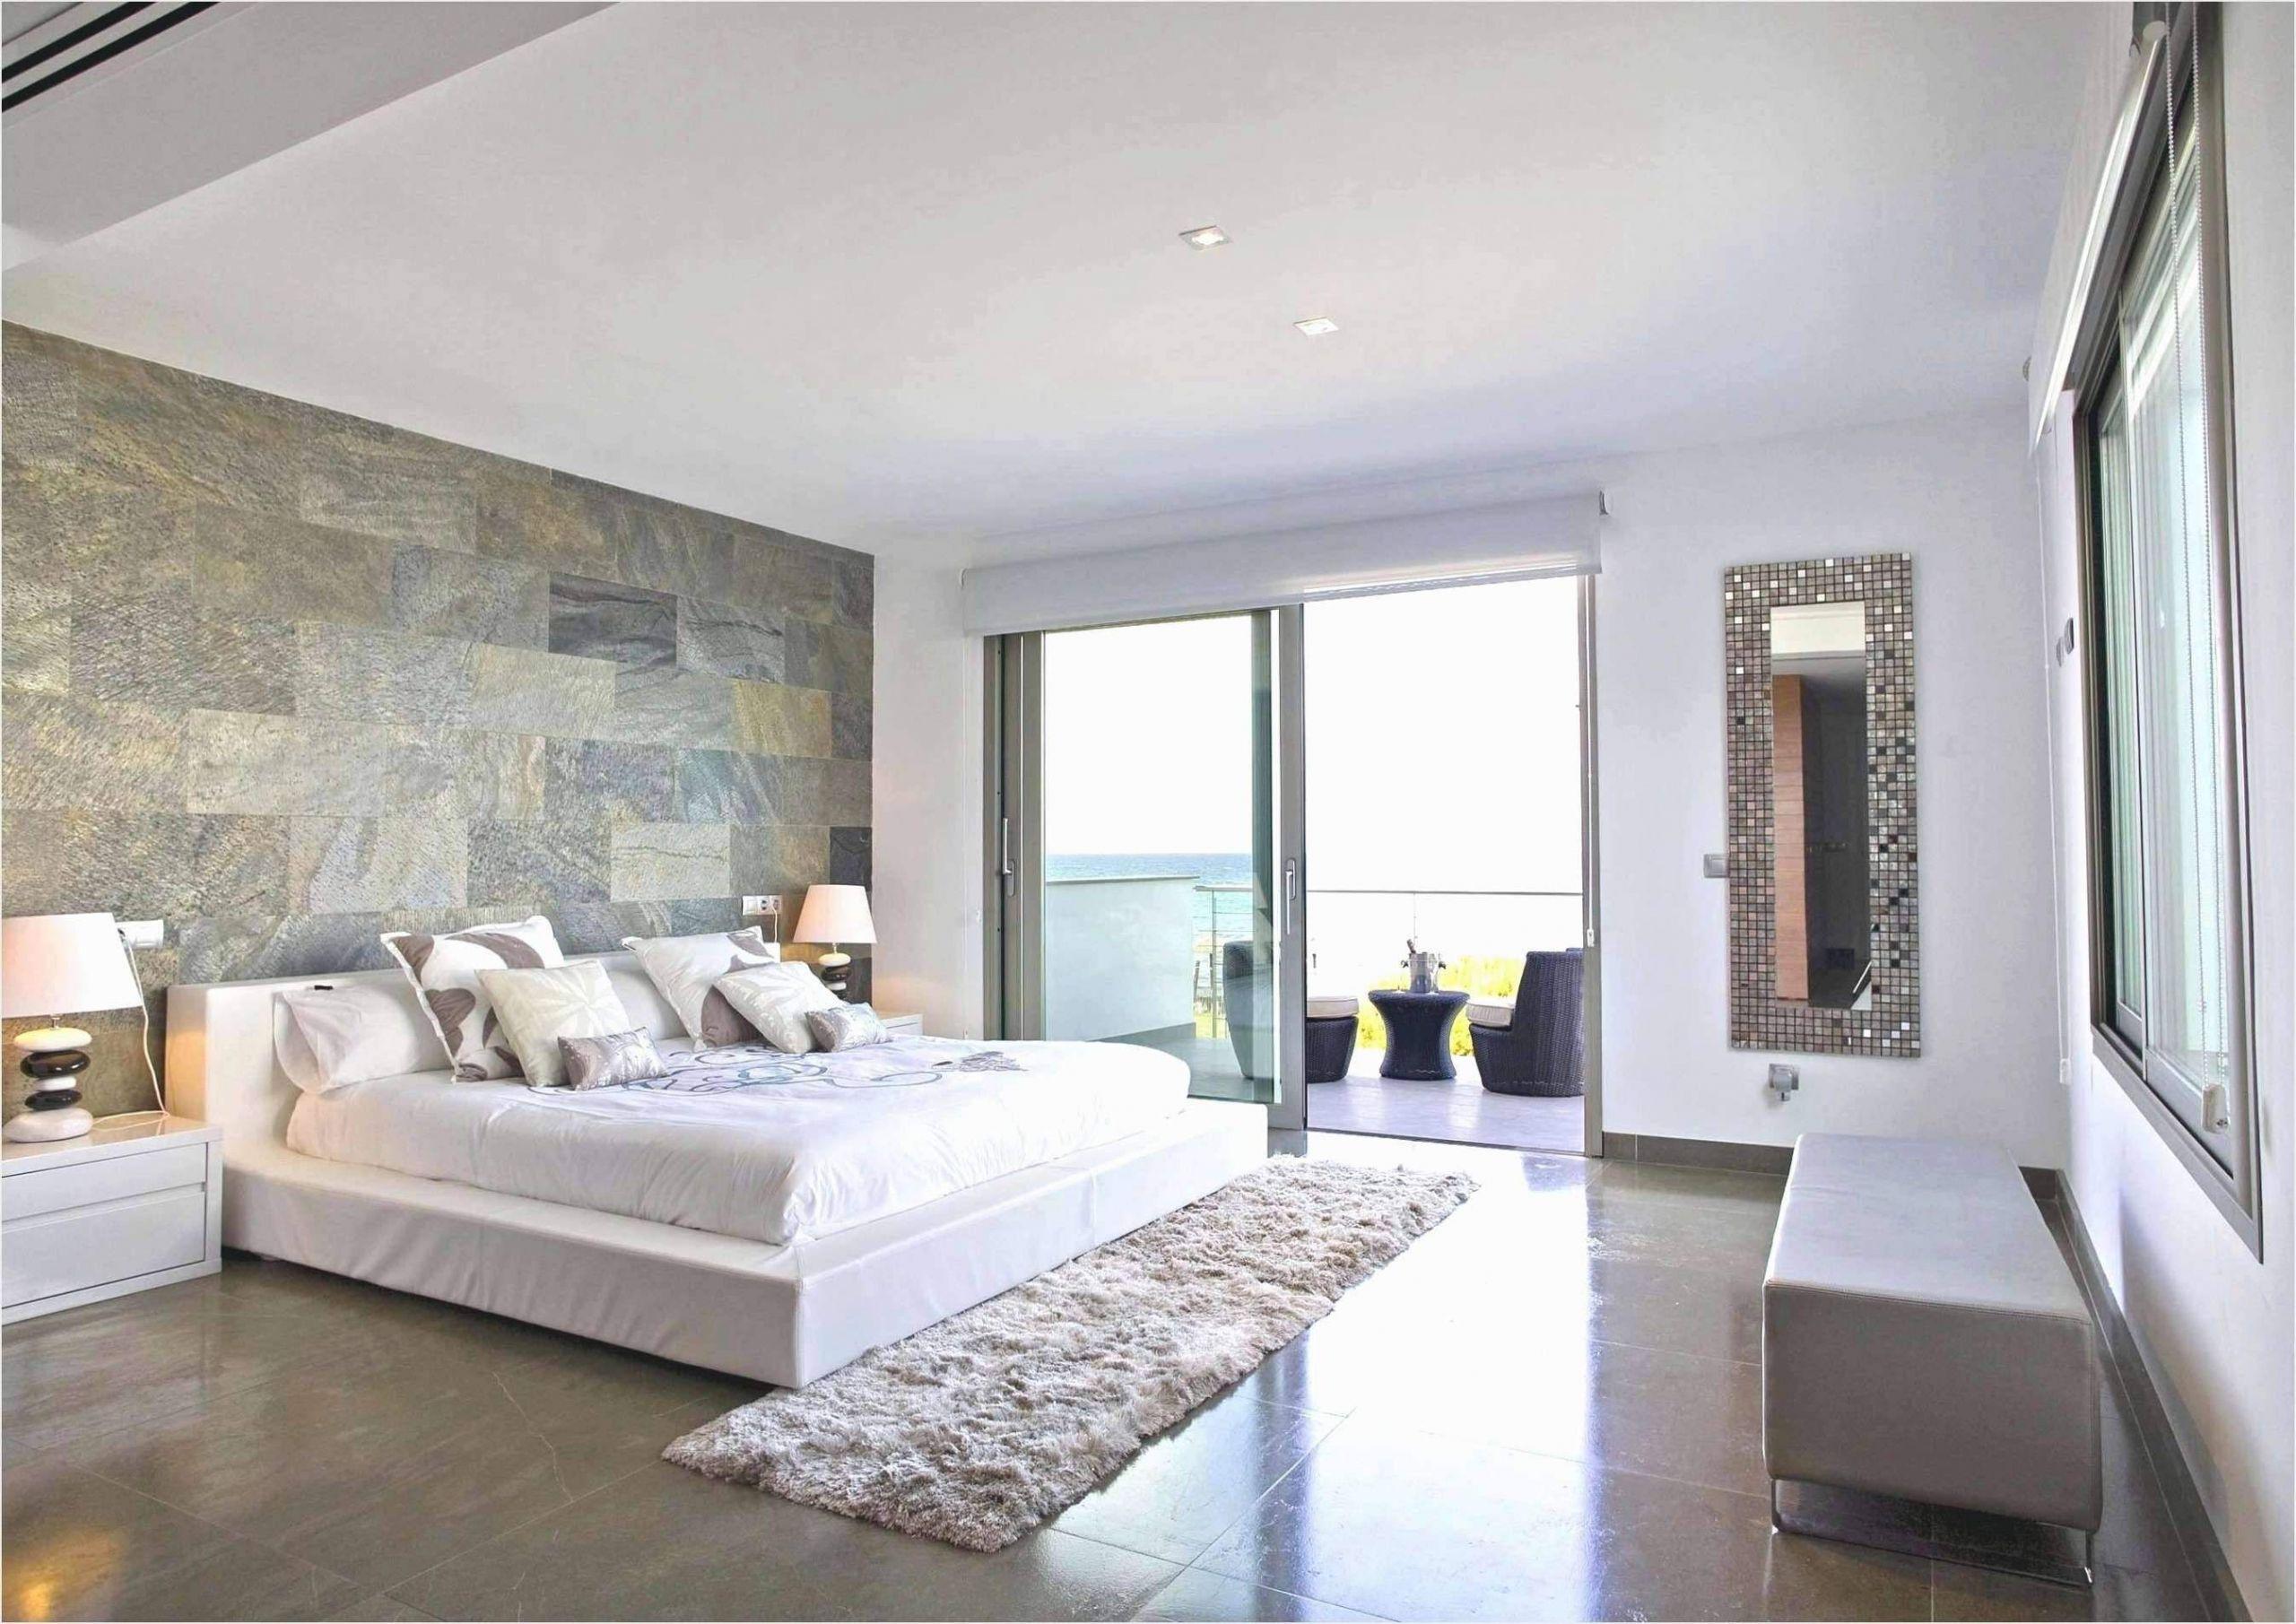 baum im wohnzimmer inspirierend wohnzimmer deko kerzenhalter fresh wohnzimmer idee luxus of baum im wohnzimmer scaled